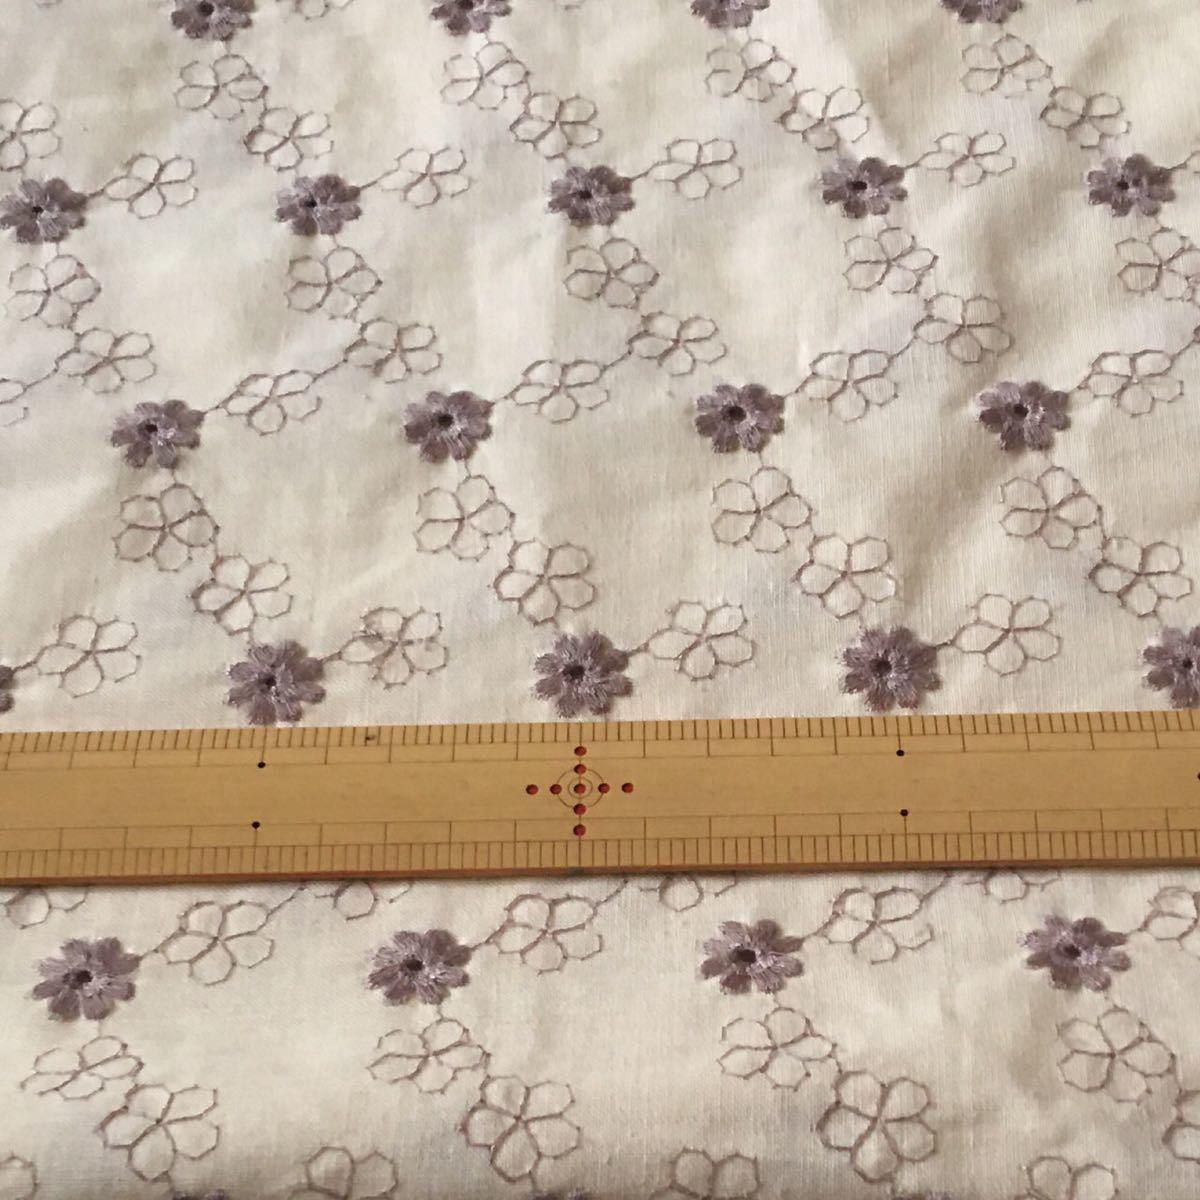 小花刺繍 花刺繍 コットンレース生地 刺繍レース 綿レース レース生地 マーガレット ハギレ